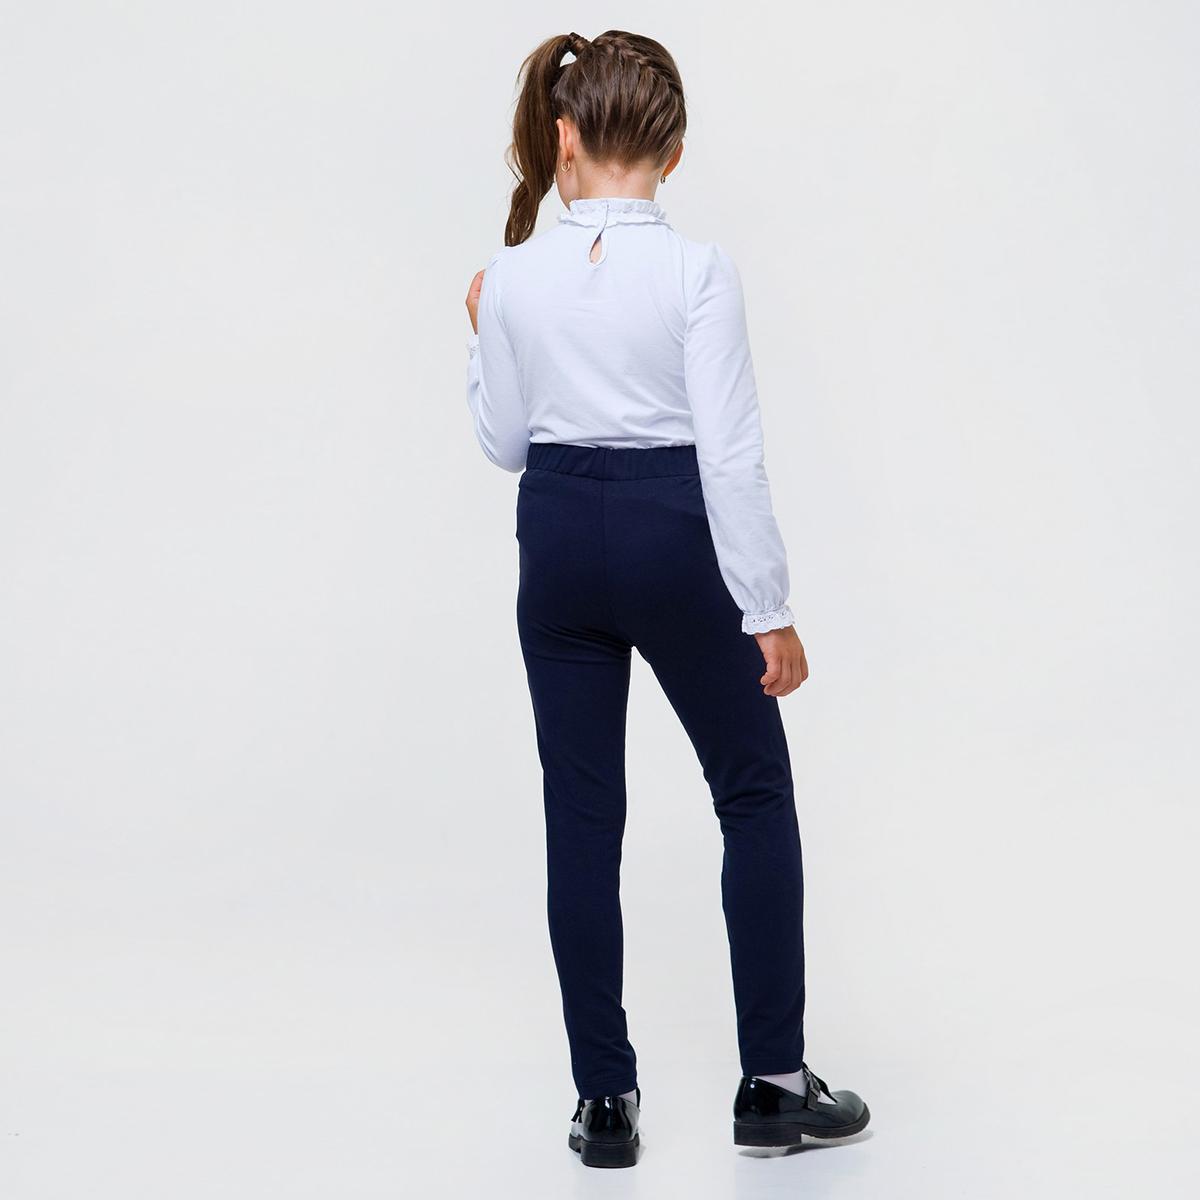 Брюки, джинсы, шорты, Брюки Smil Stretching, р. 128 115426 ТМ: SMIL, синий  - купить со скидкой